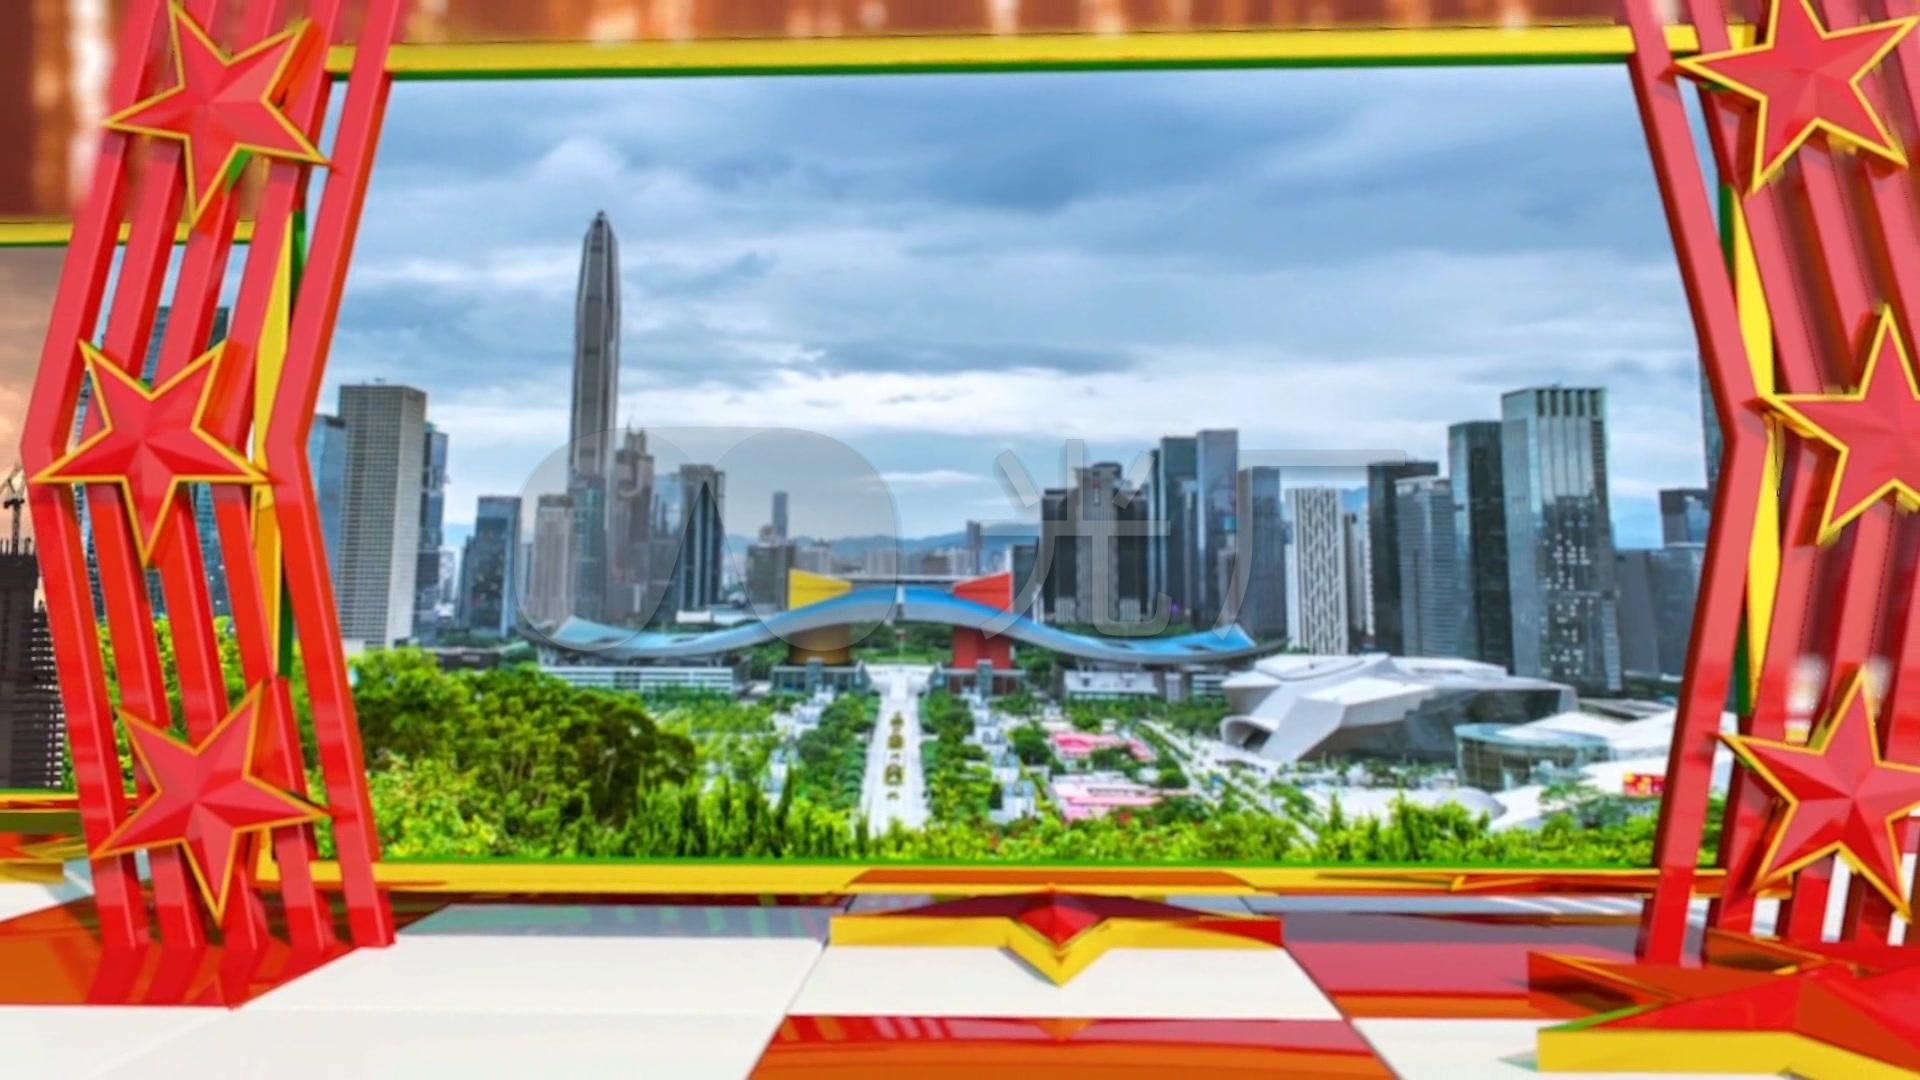 改革开放40周年纪念视频_1920X1080_高清视